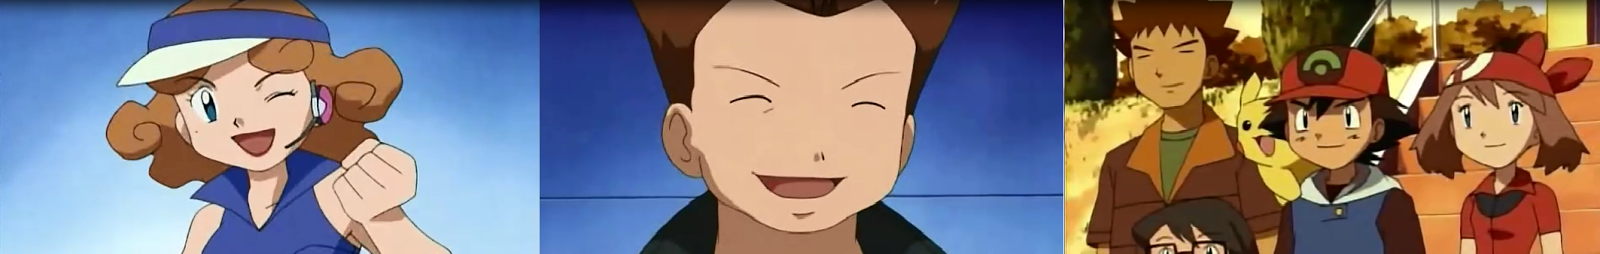 Pokemon Capitulo 6 Temporada 9 Guerrero De Fin De Semana